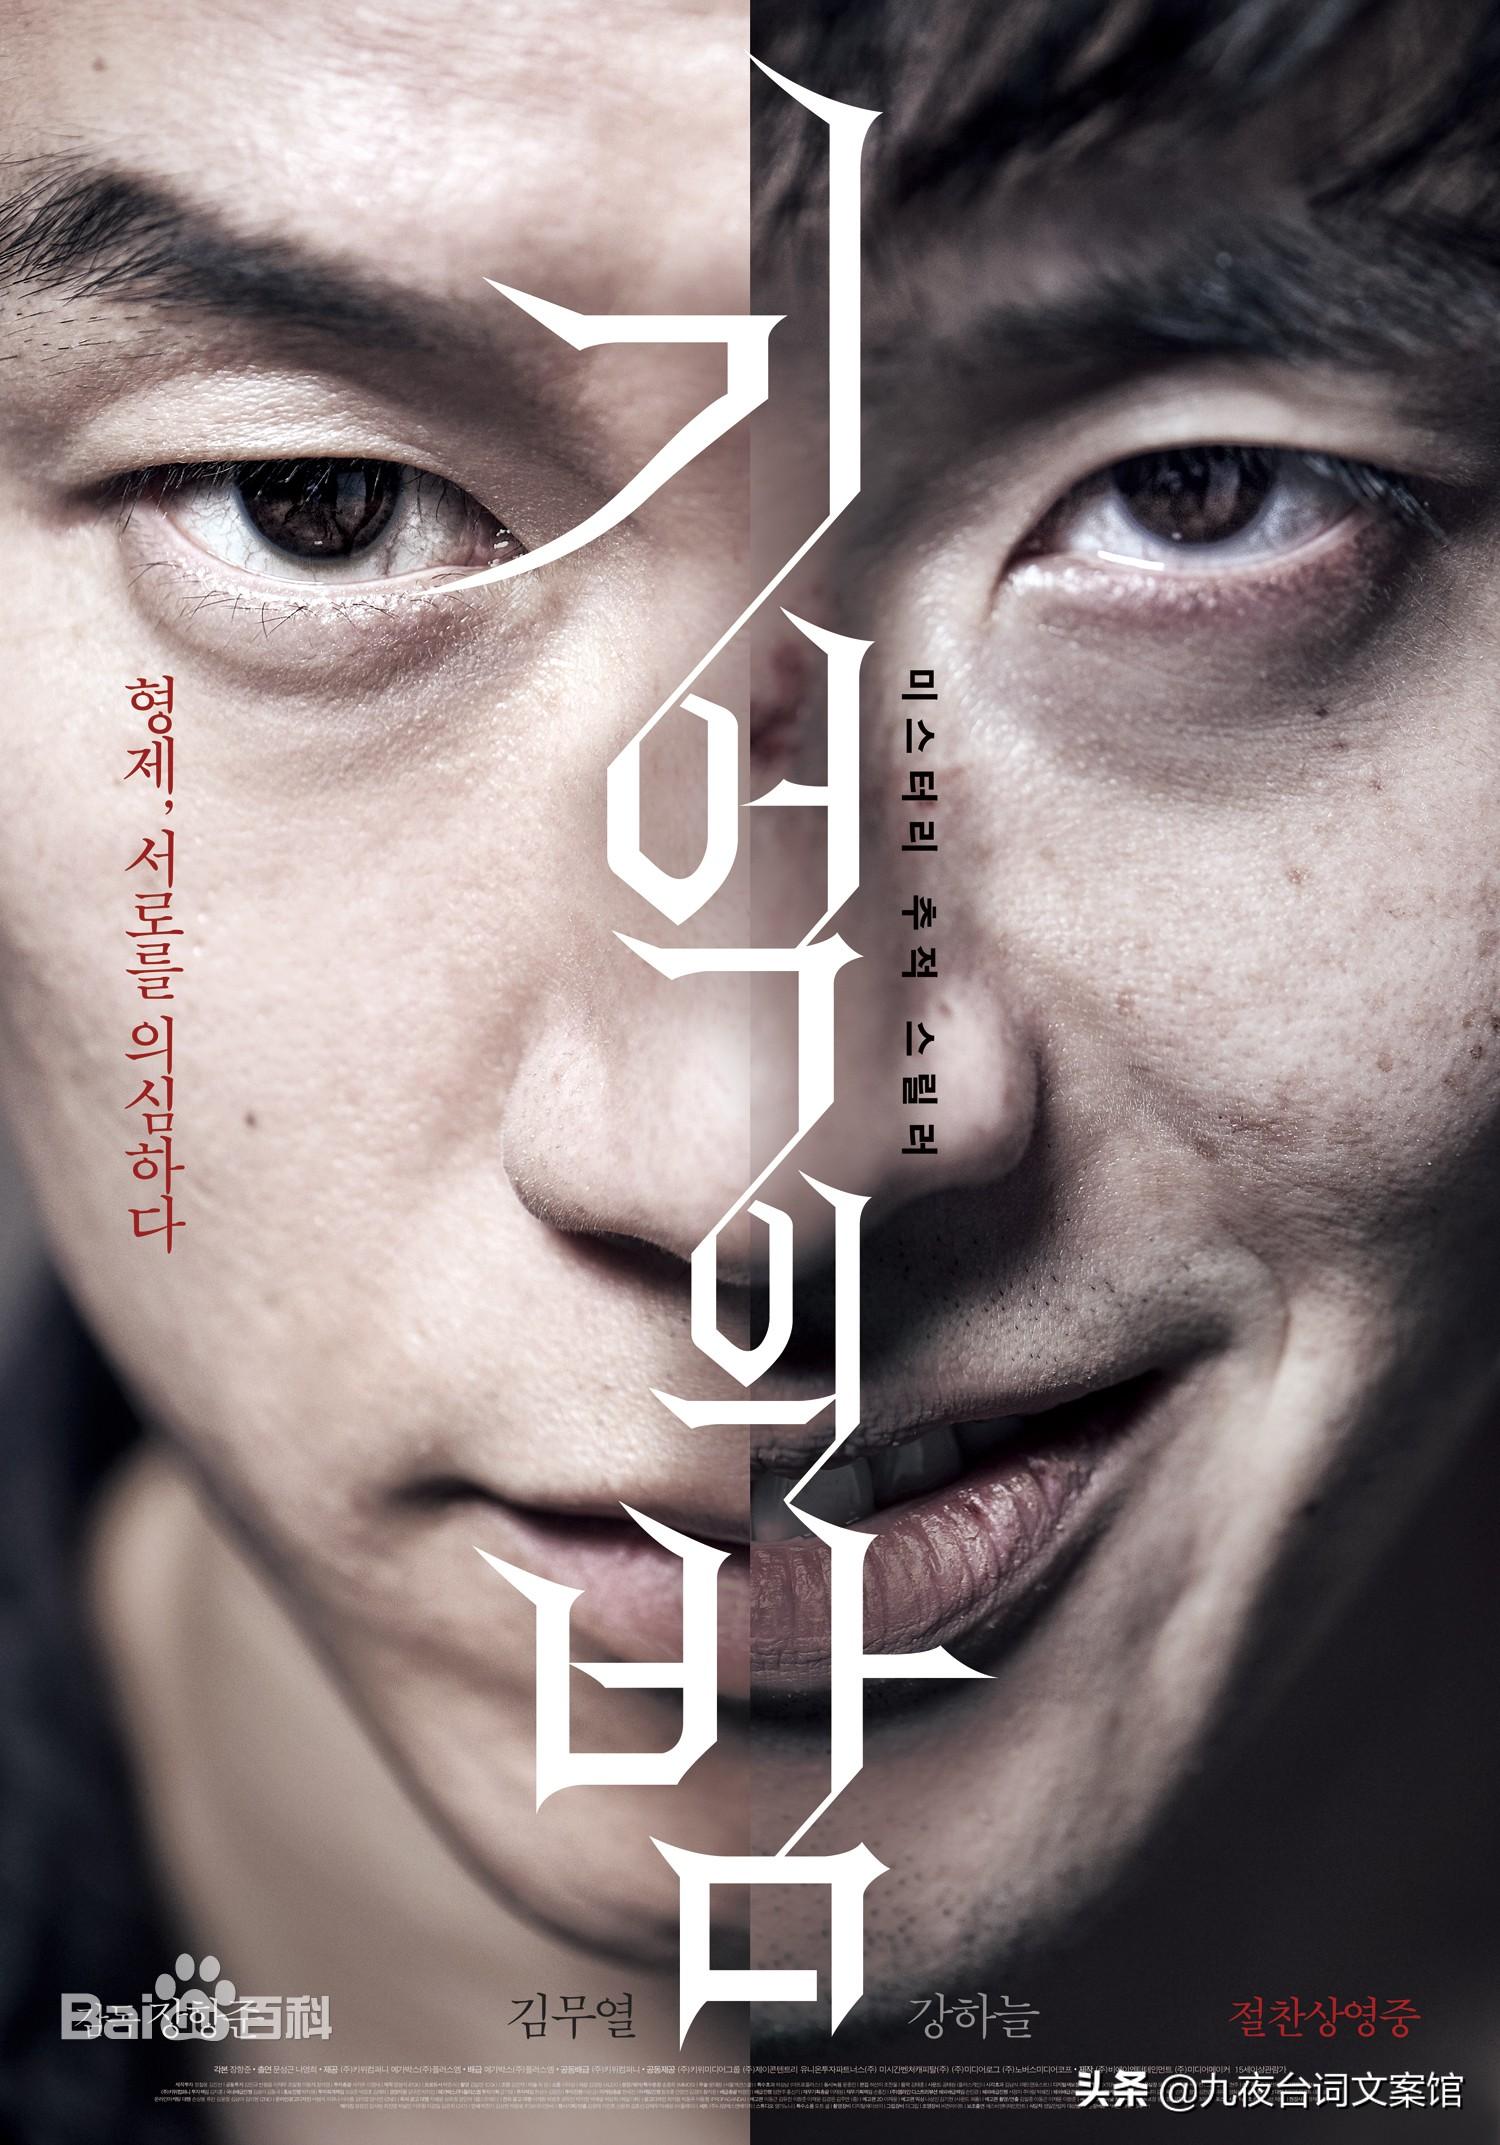 胆小勿入,9部韩国悬疑惊悚电影推荐